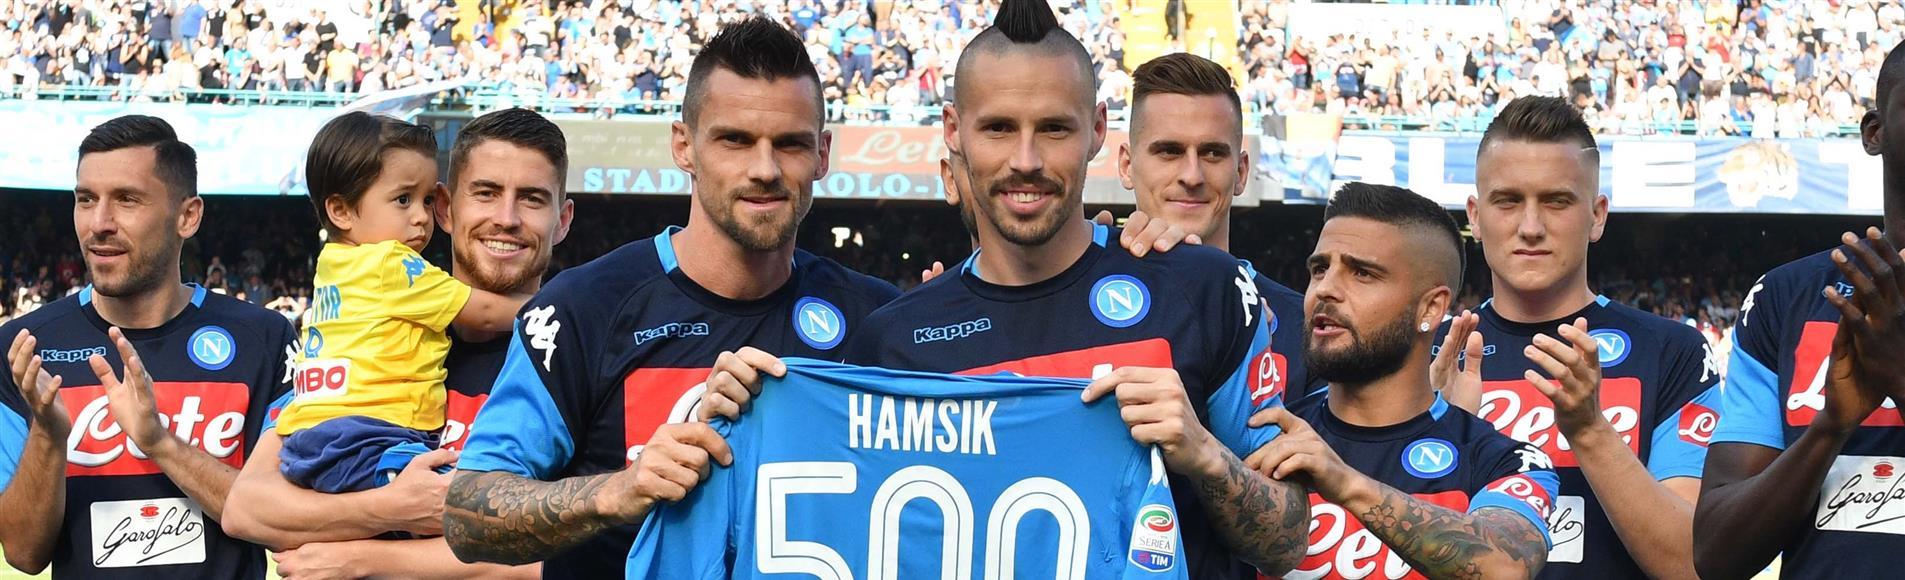 Hamsik premiato con la maglia celebrativa per il traguardo delle 500 partite con il Napoli